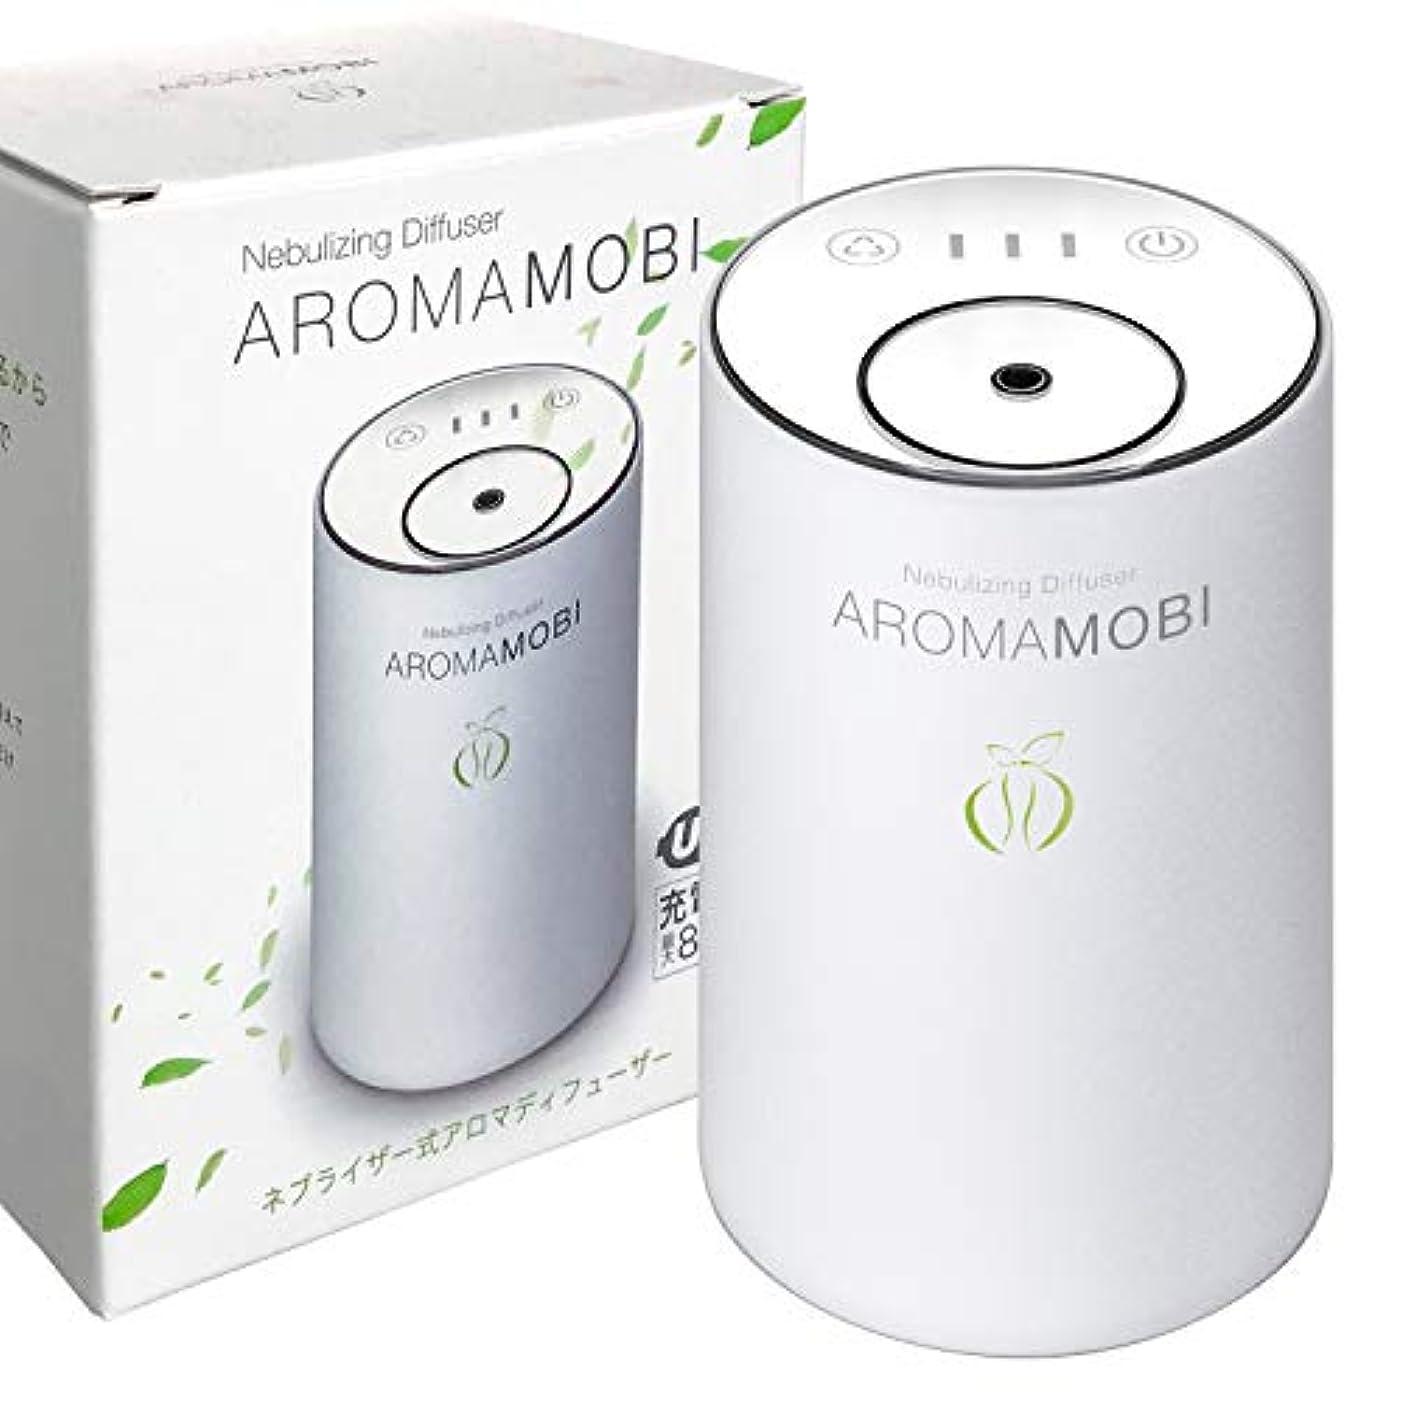 知人韓国レトルトfunks AROMA MOBI 充電式 アロマディフューザー ネブライザー式 ホワイト